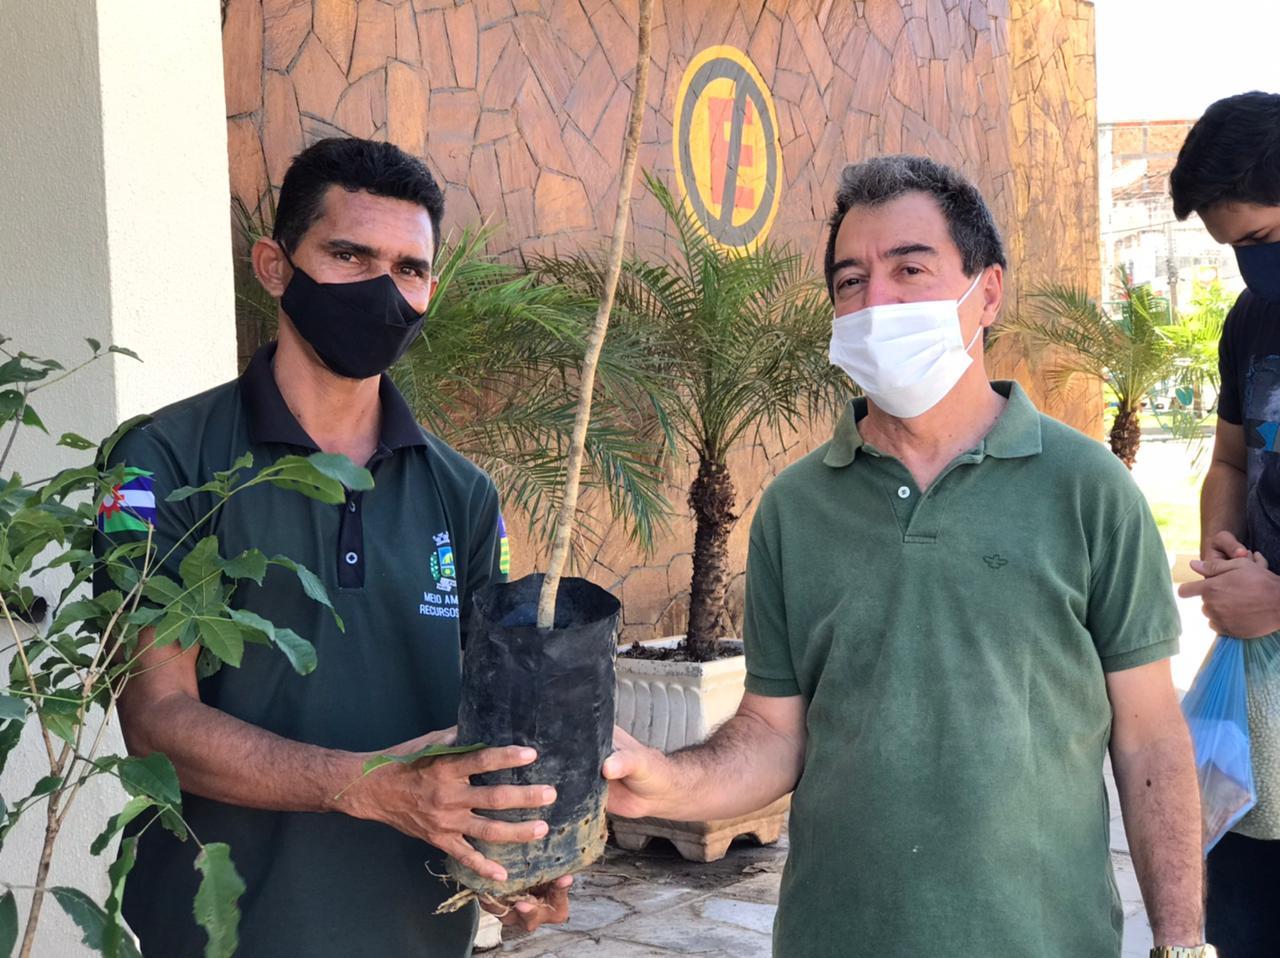 SEMAM de Picos distribui mudas de plantas no Dia Mundial do Meio Ambiente